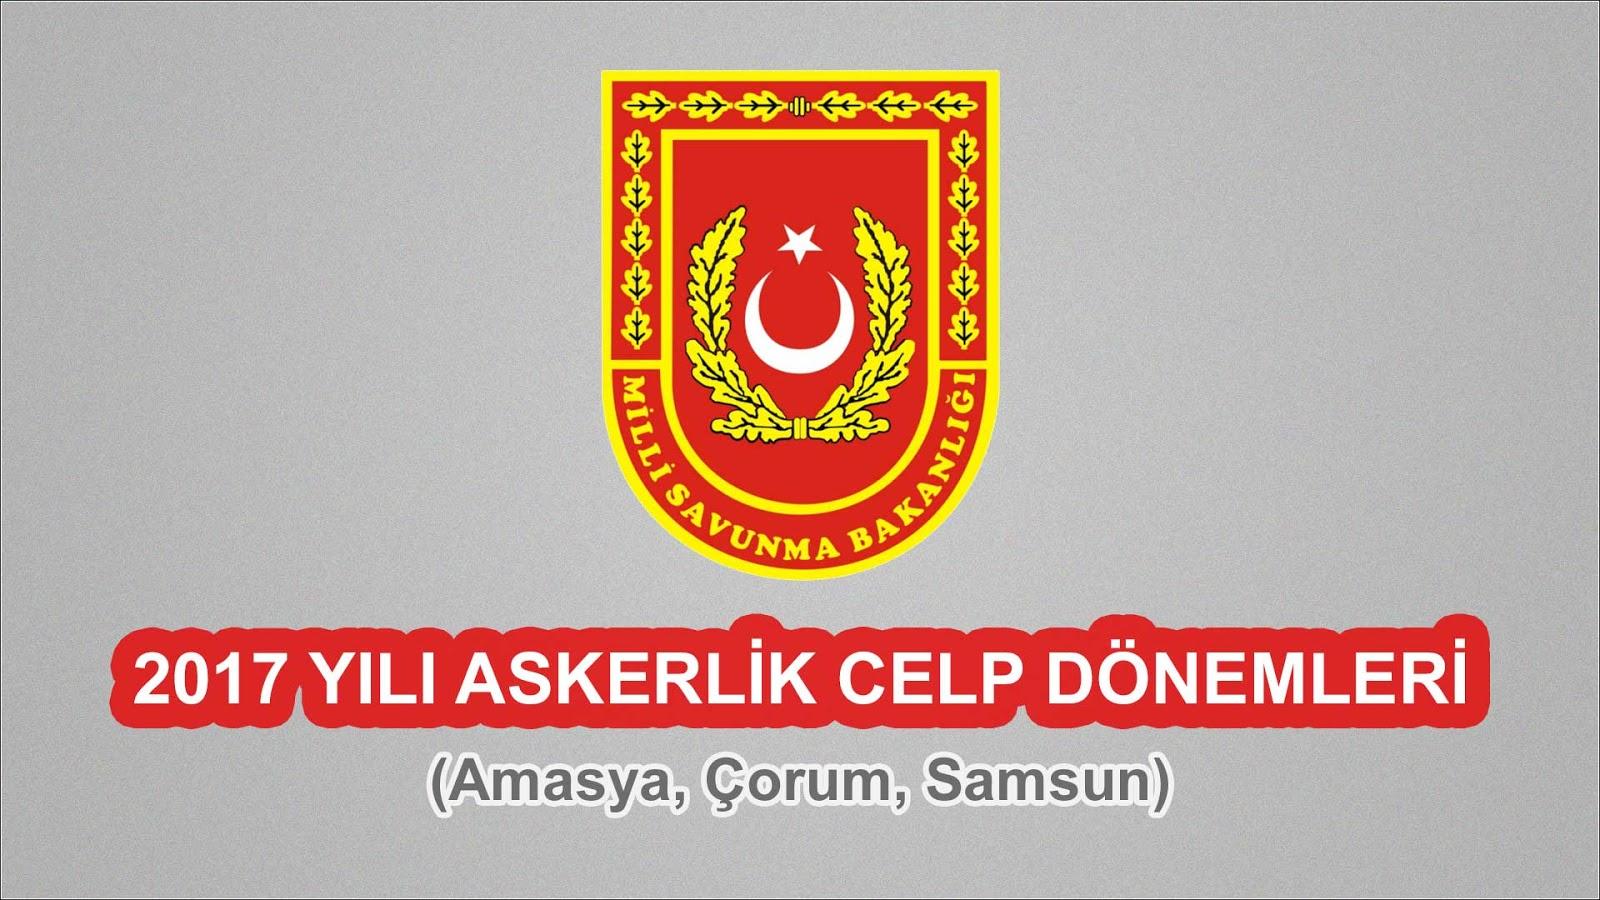 2017 Yılı Amasya, Çorum, Samsun Askerlik Celp Dönemleri